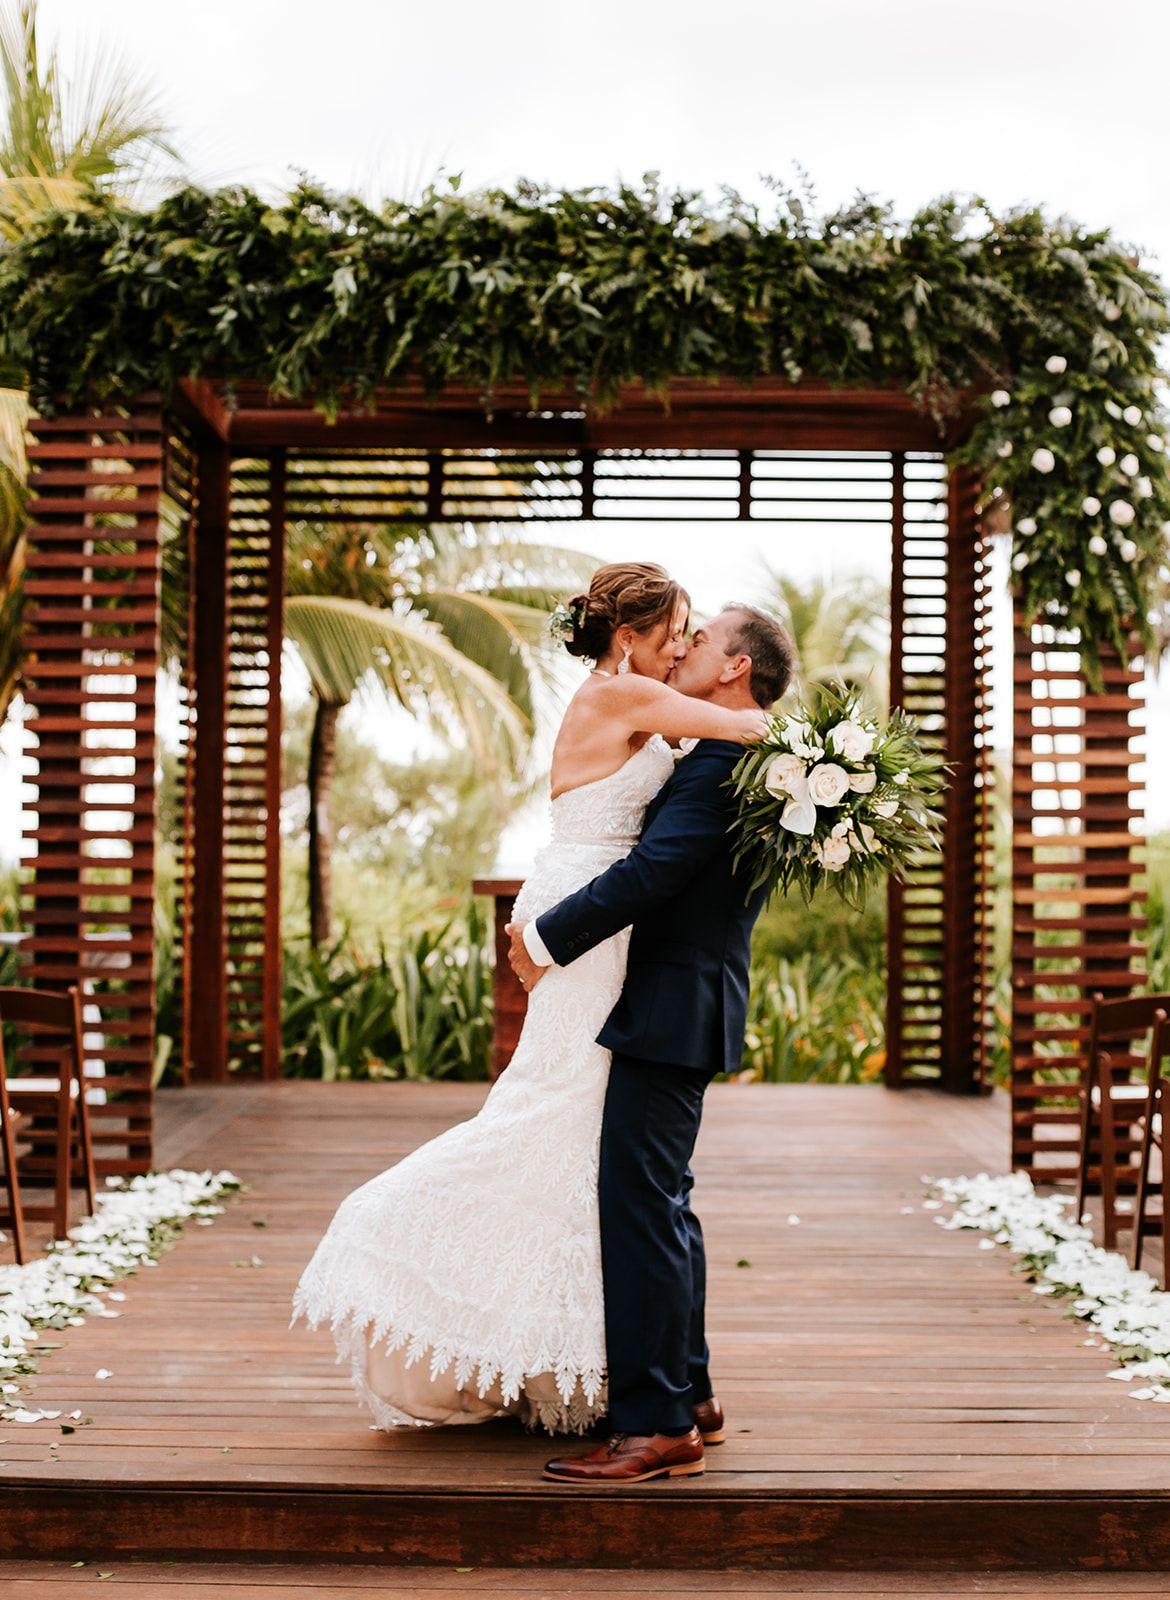 Unico 20 87 , Riviera Maya Wedding / Mexico Destination